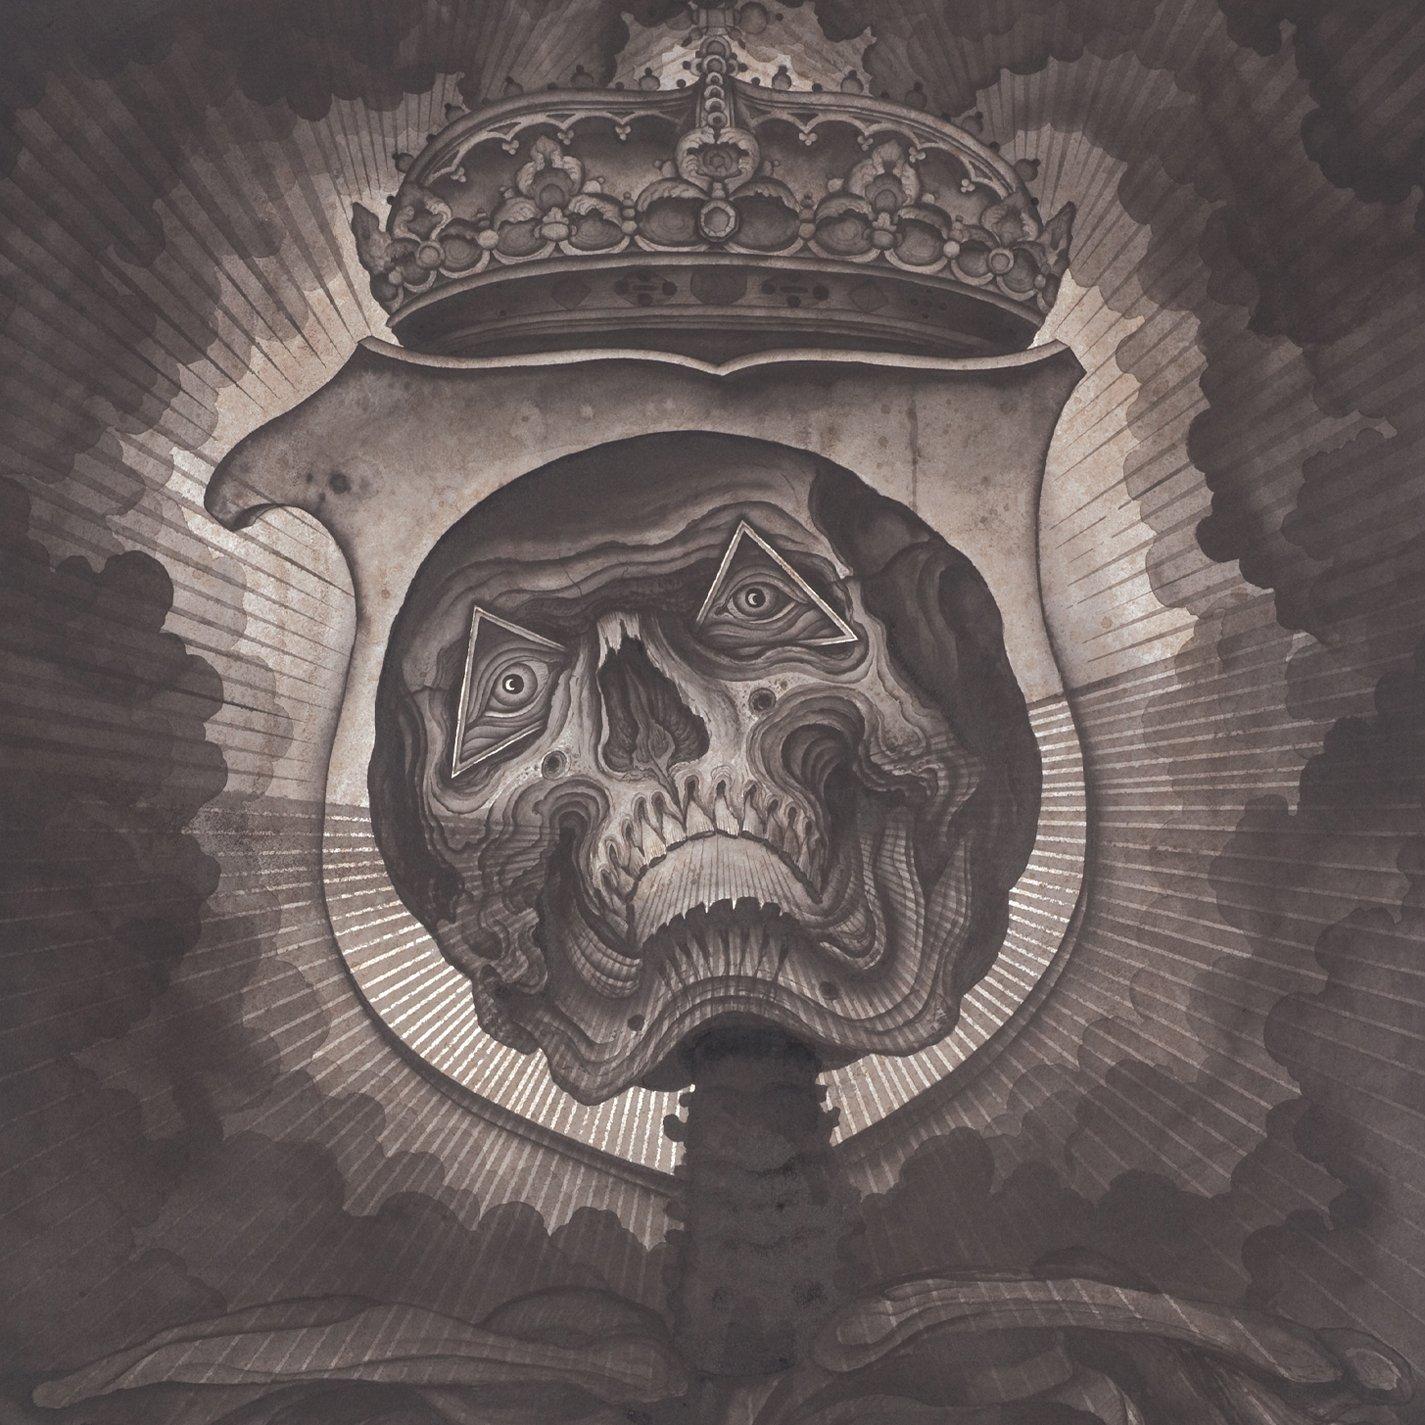 CD : Doomriders - Darkness Come Alive (CD)